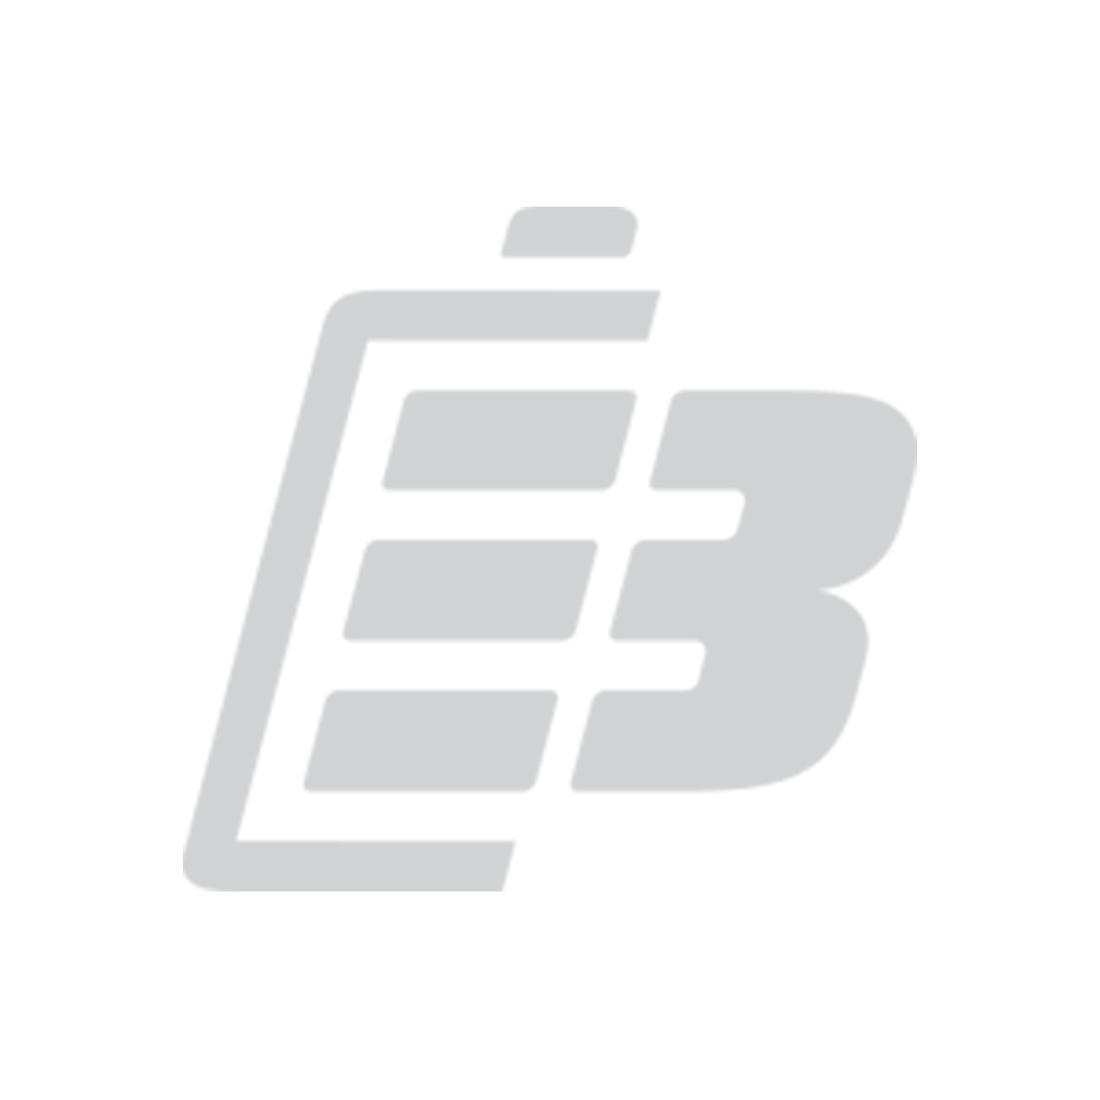 Μπαταρία barcode scanner Symbol MC50 ενισχυμένη_1